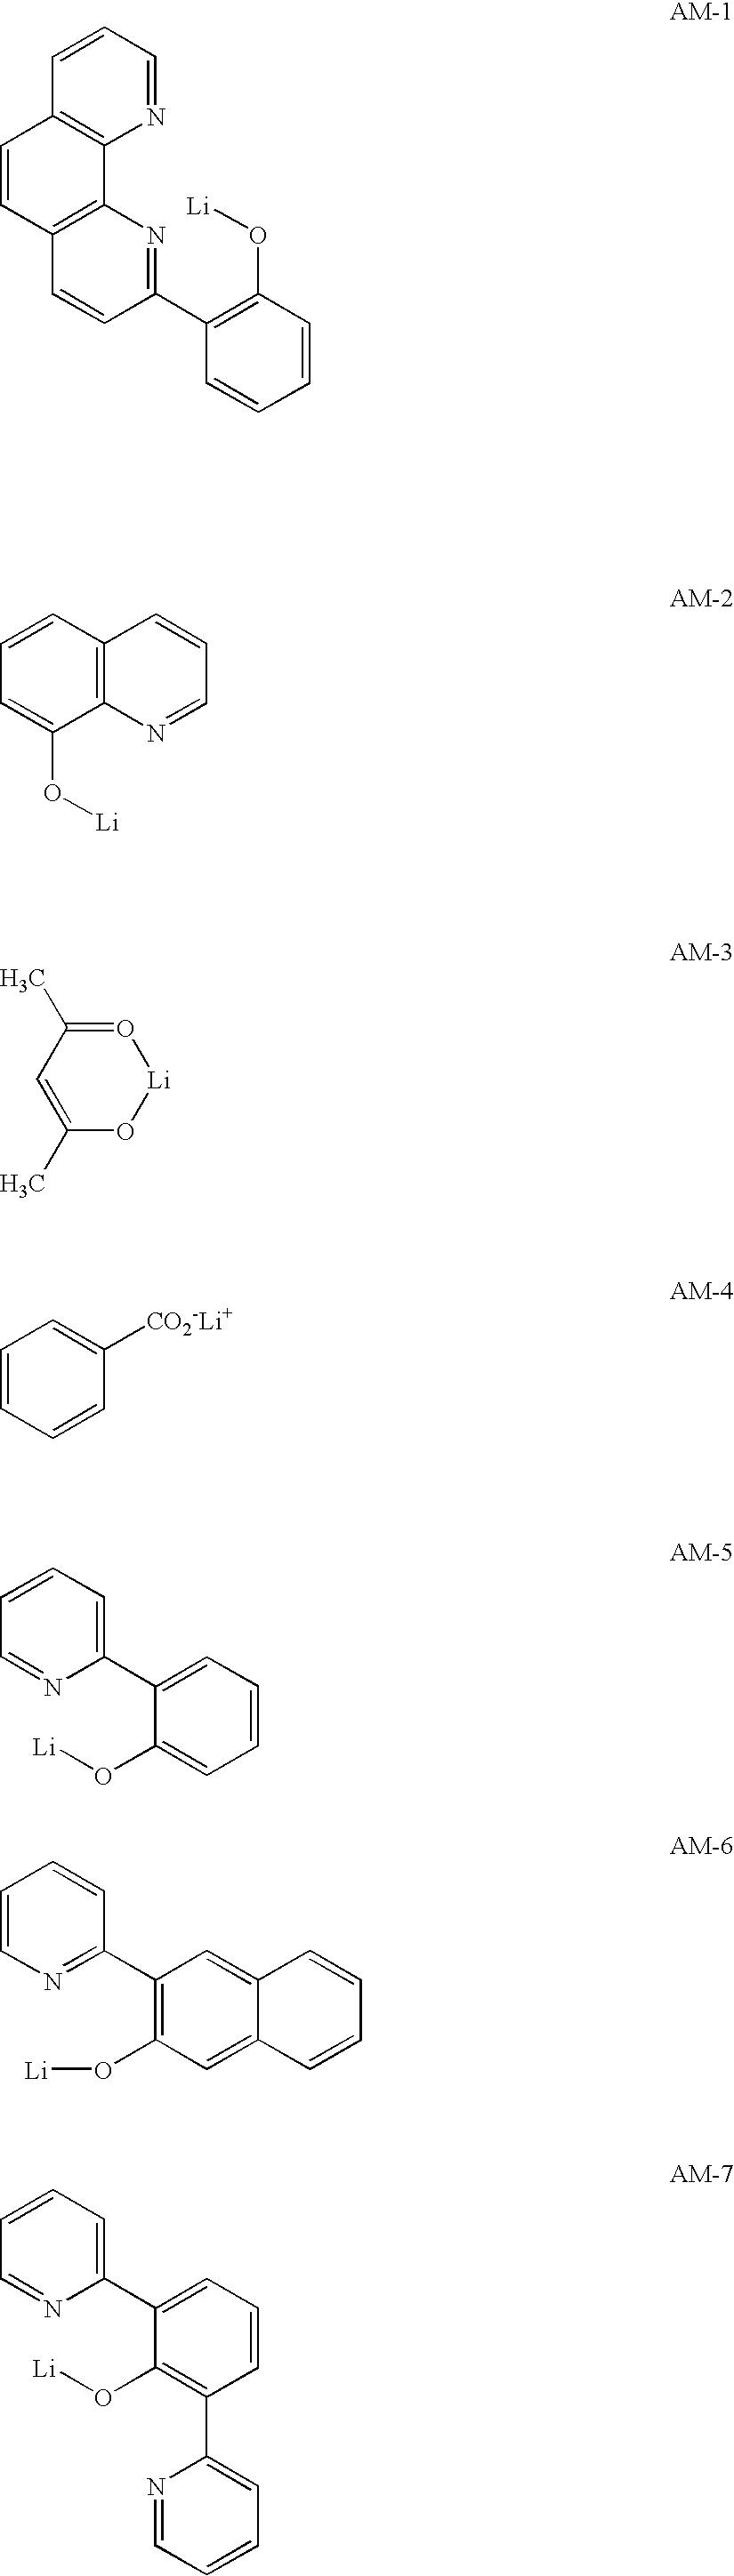 Figure US08088500-20120103-C00015